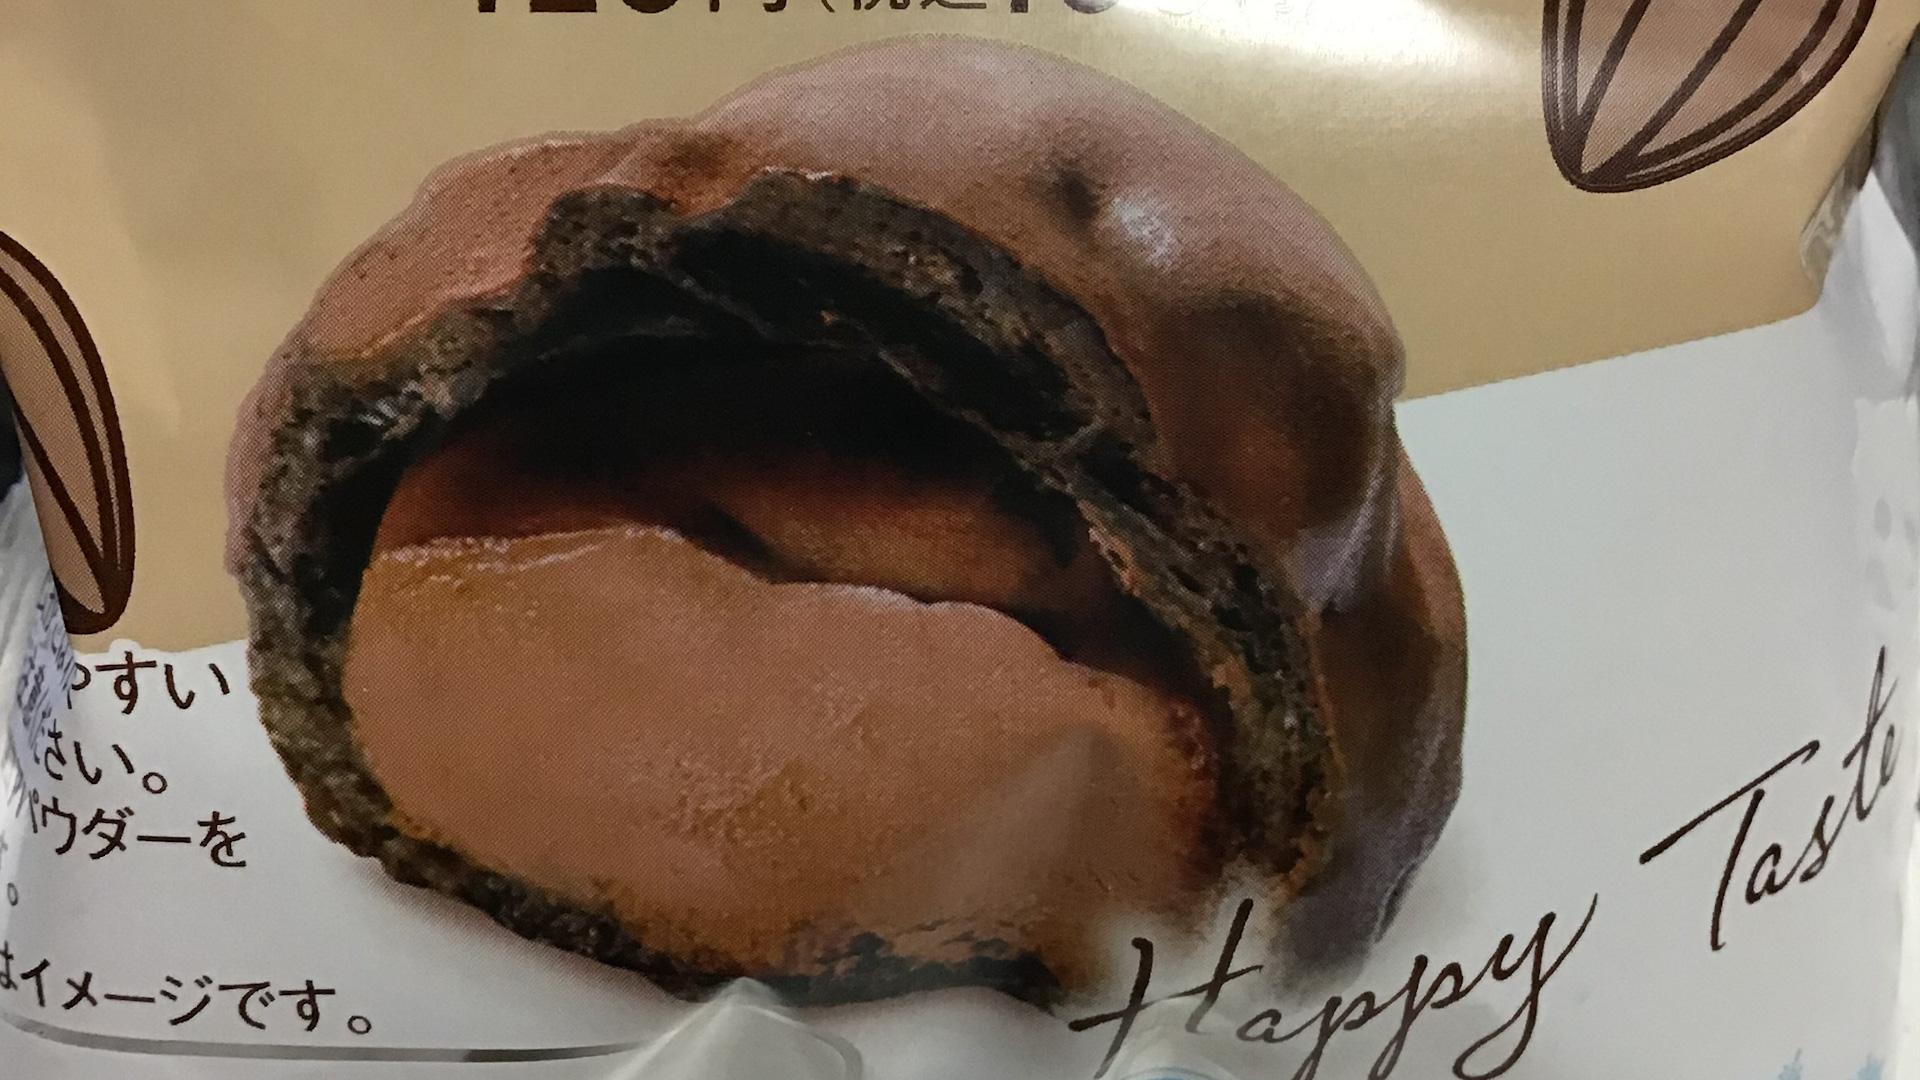 実食レポ【ファミマ】濃厚!カカオ香るシュートリュフ